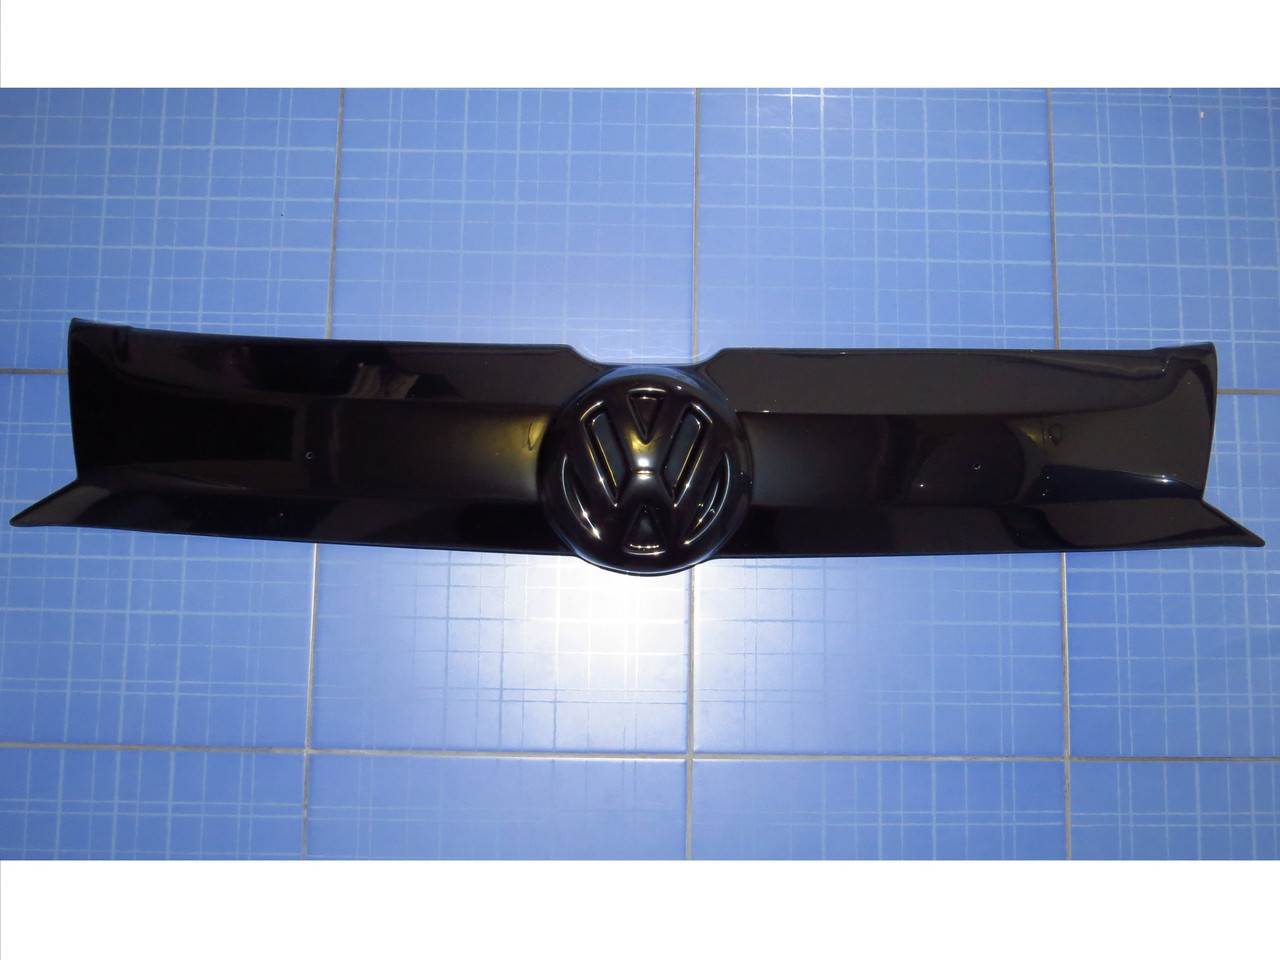 Заглушка решётки радиатора Фольксваген Т5+ верх с 2010 глянец Fly. Утеплитель решётки Volkswagen T5+